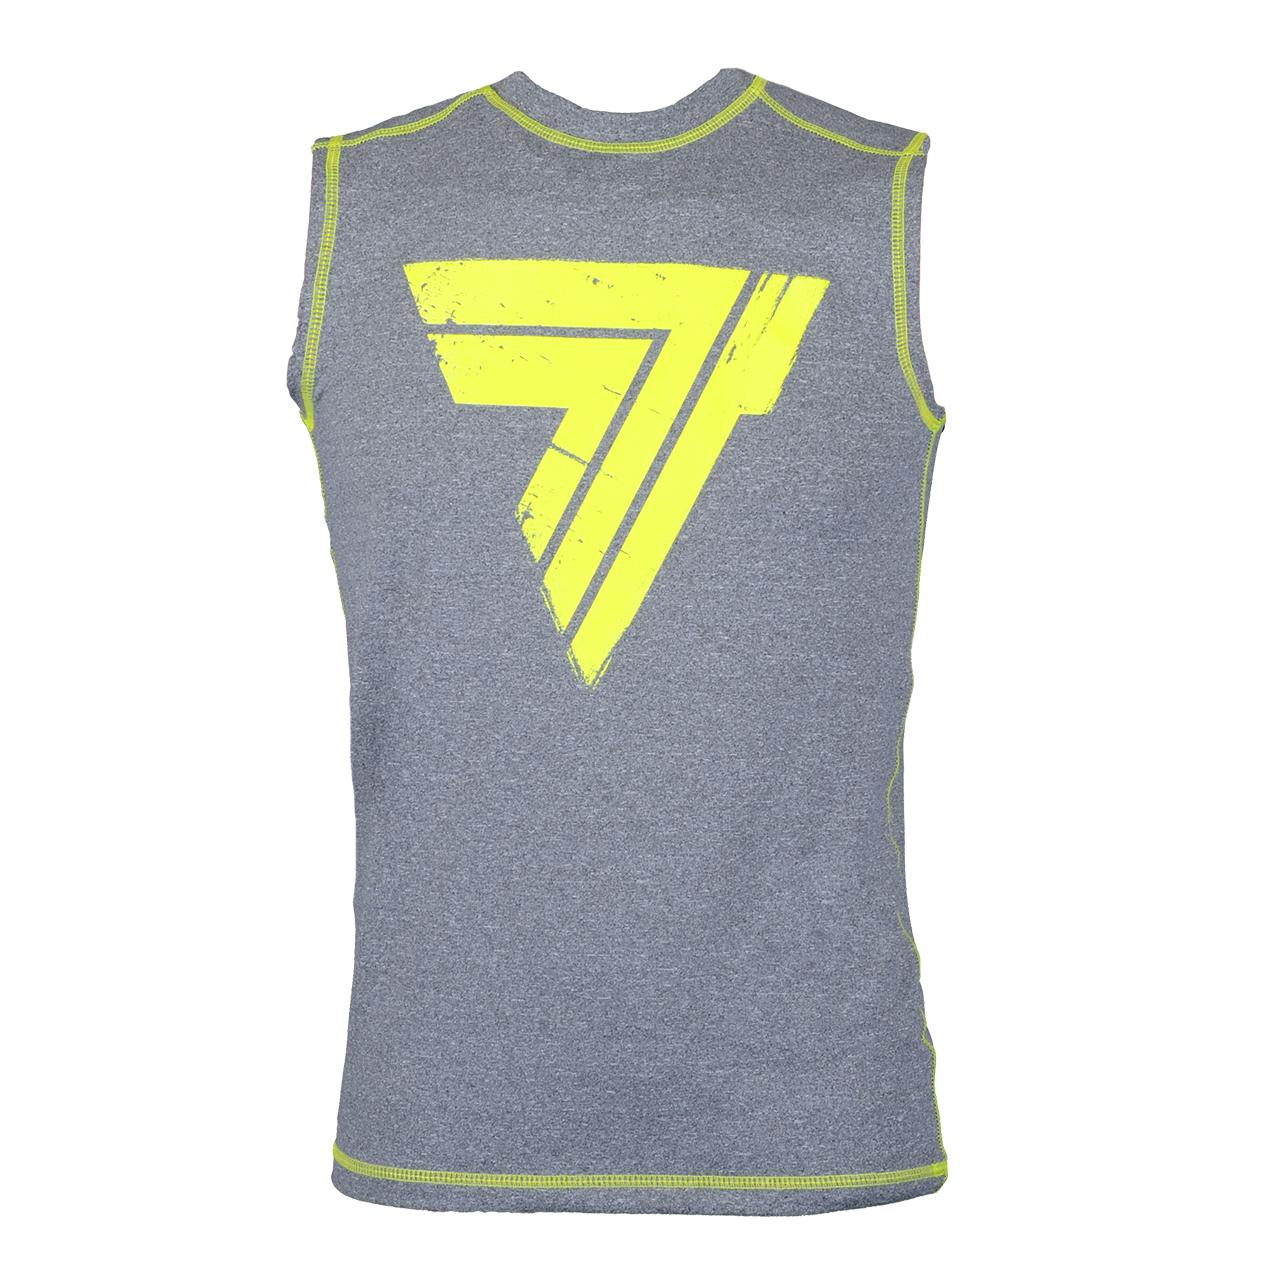 تی شرت آستین حلقه ای ورزشی مردانه ترک ویر مدل Rash 008 Gray Sleeveless